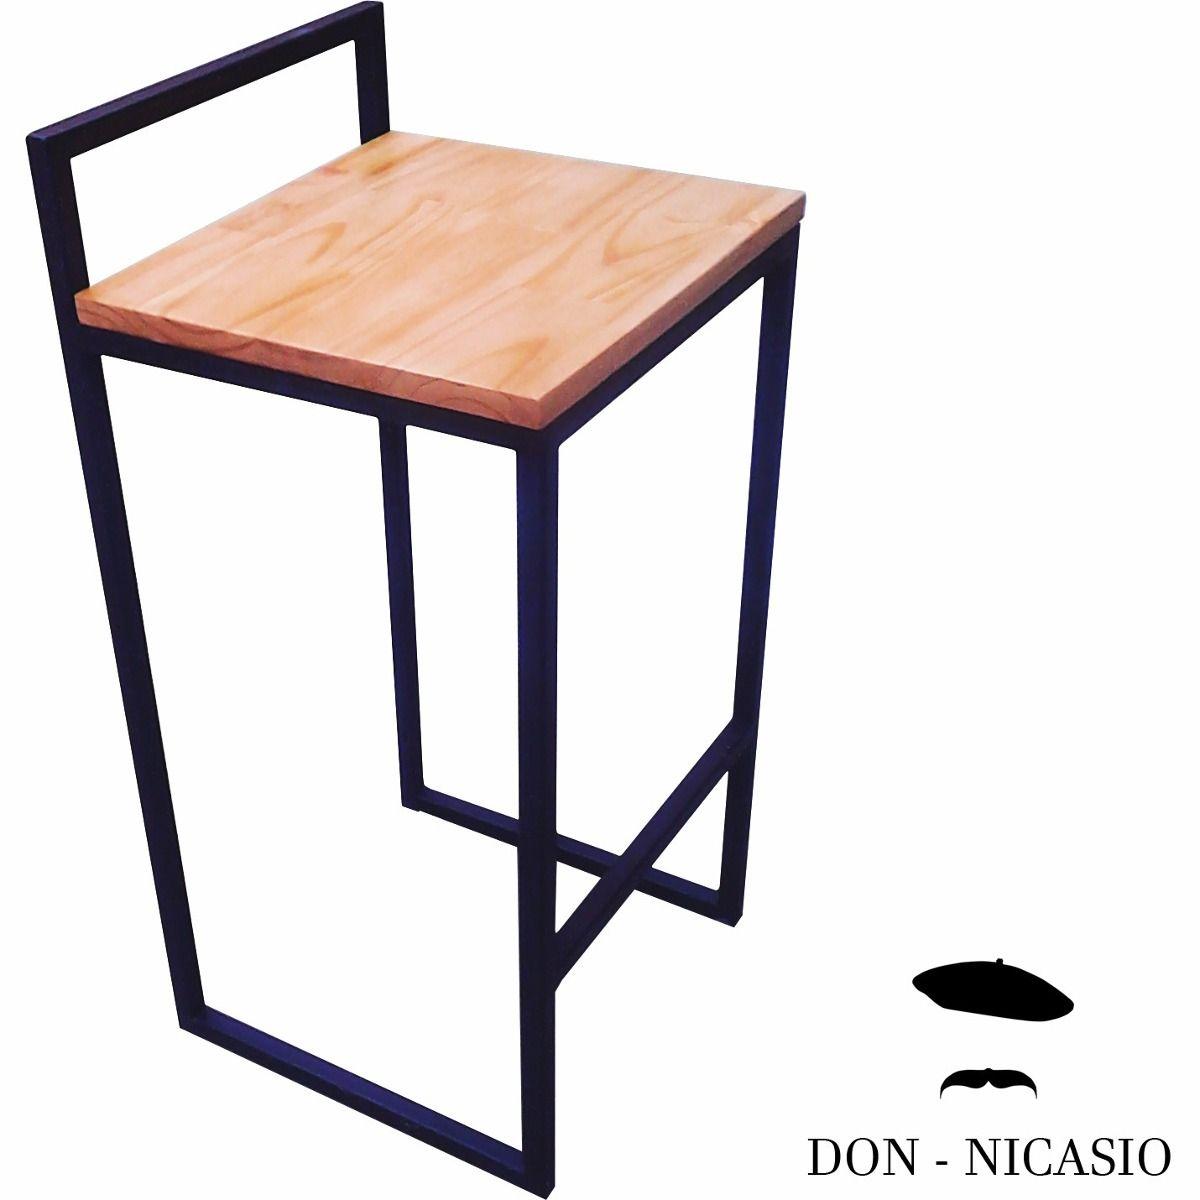 Taburete banqueta hierro y madera moderna industrial 579 99 en mercadolibre wooden - Banqueta de madera ...